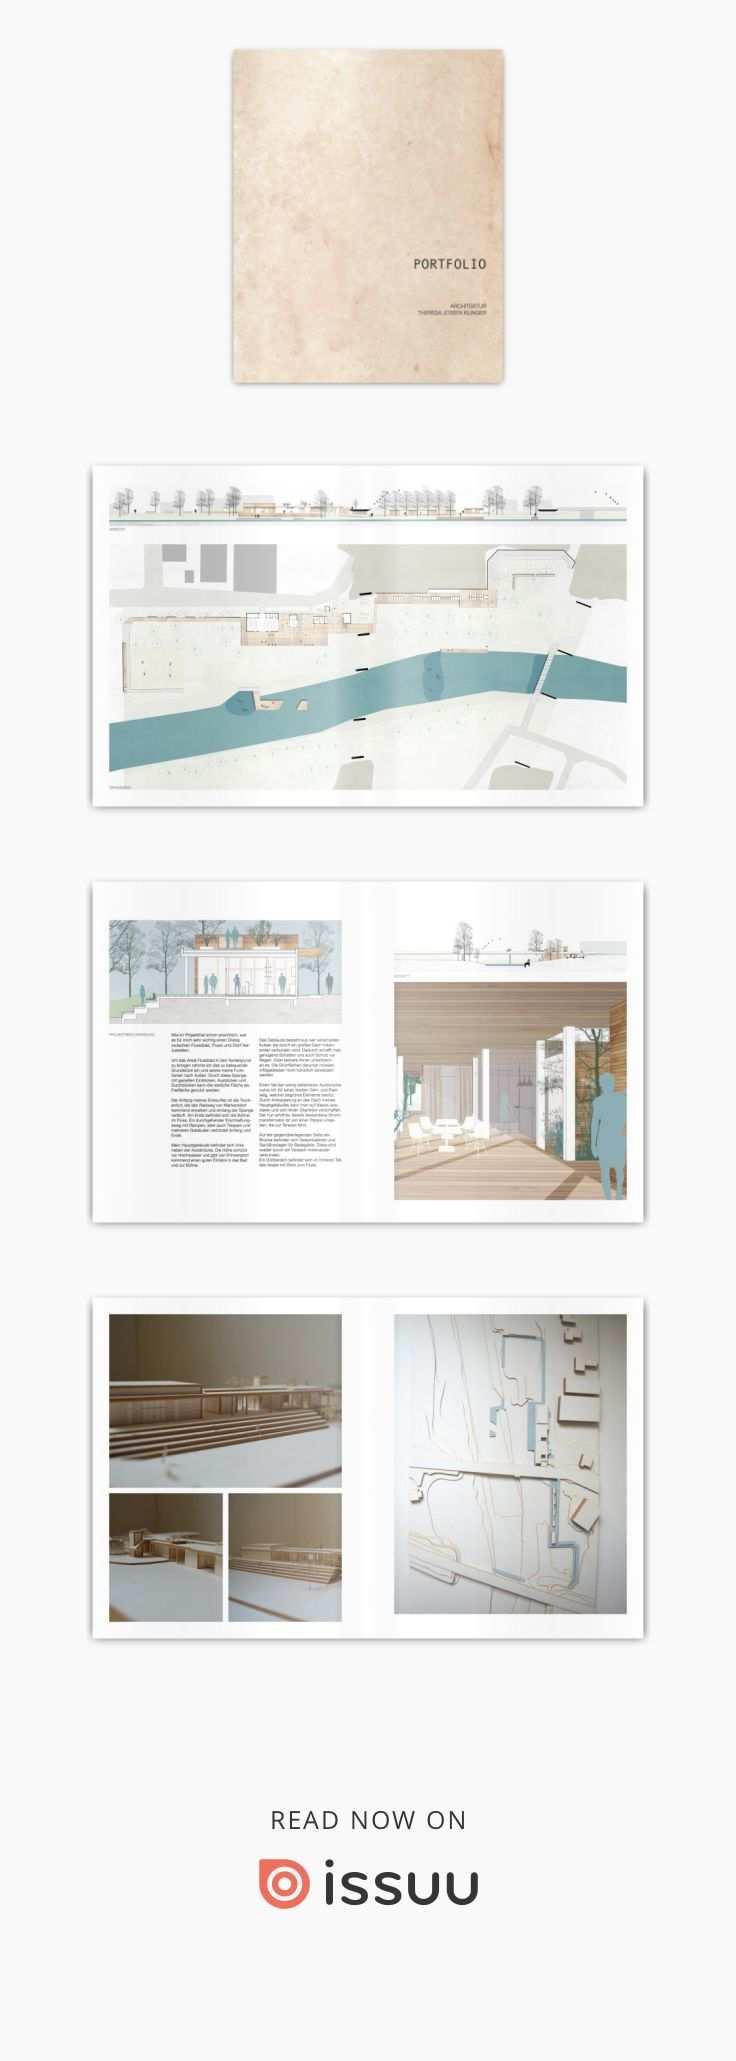 Portfolio Architektur Portfolio Layout Architektur Portfolio Portfolio Design Layouts